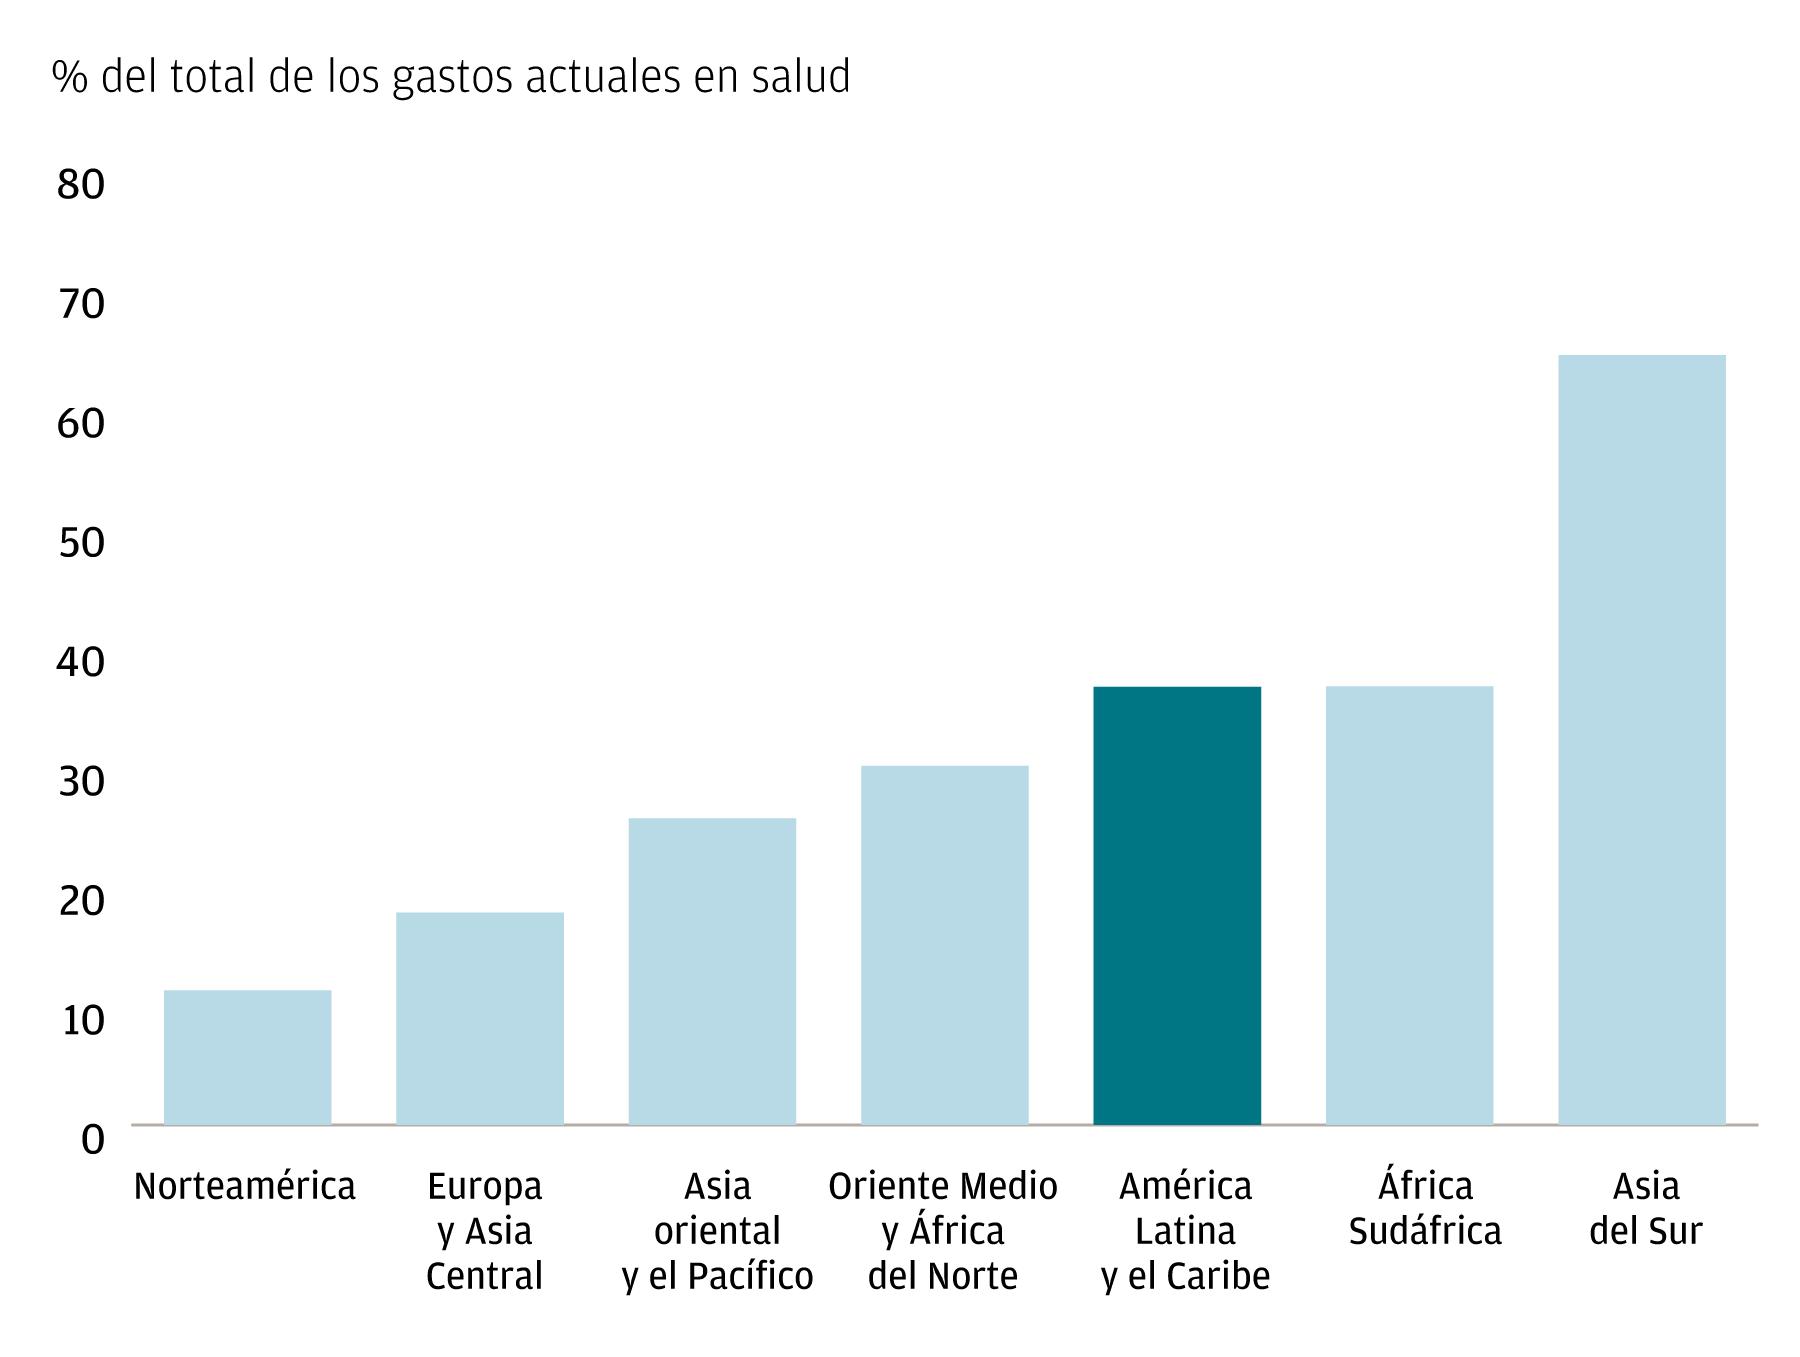 Una gráfica de barras que muestra el porcentaje del desembolso en gasto sanitarios realizados por América del Norte, Europa y Asia central, Asia oriental y el Pacífico, Oriente Medio y África del Norte, América Latina y el Caribe, África subsahariana y As